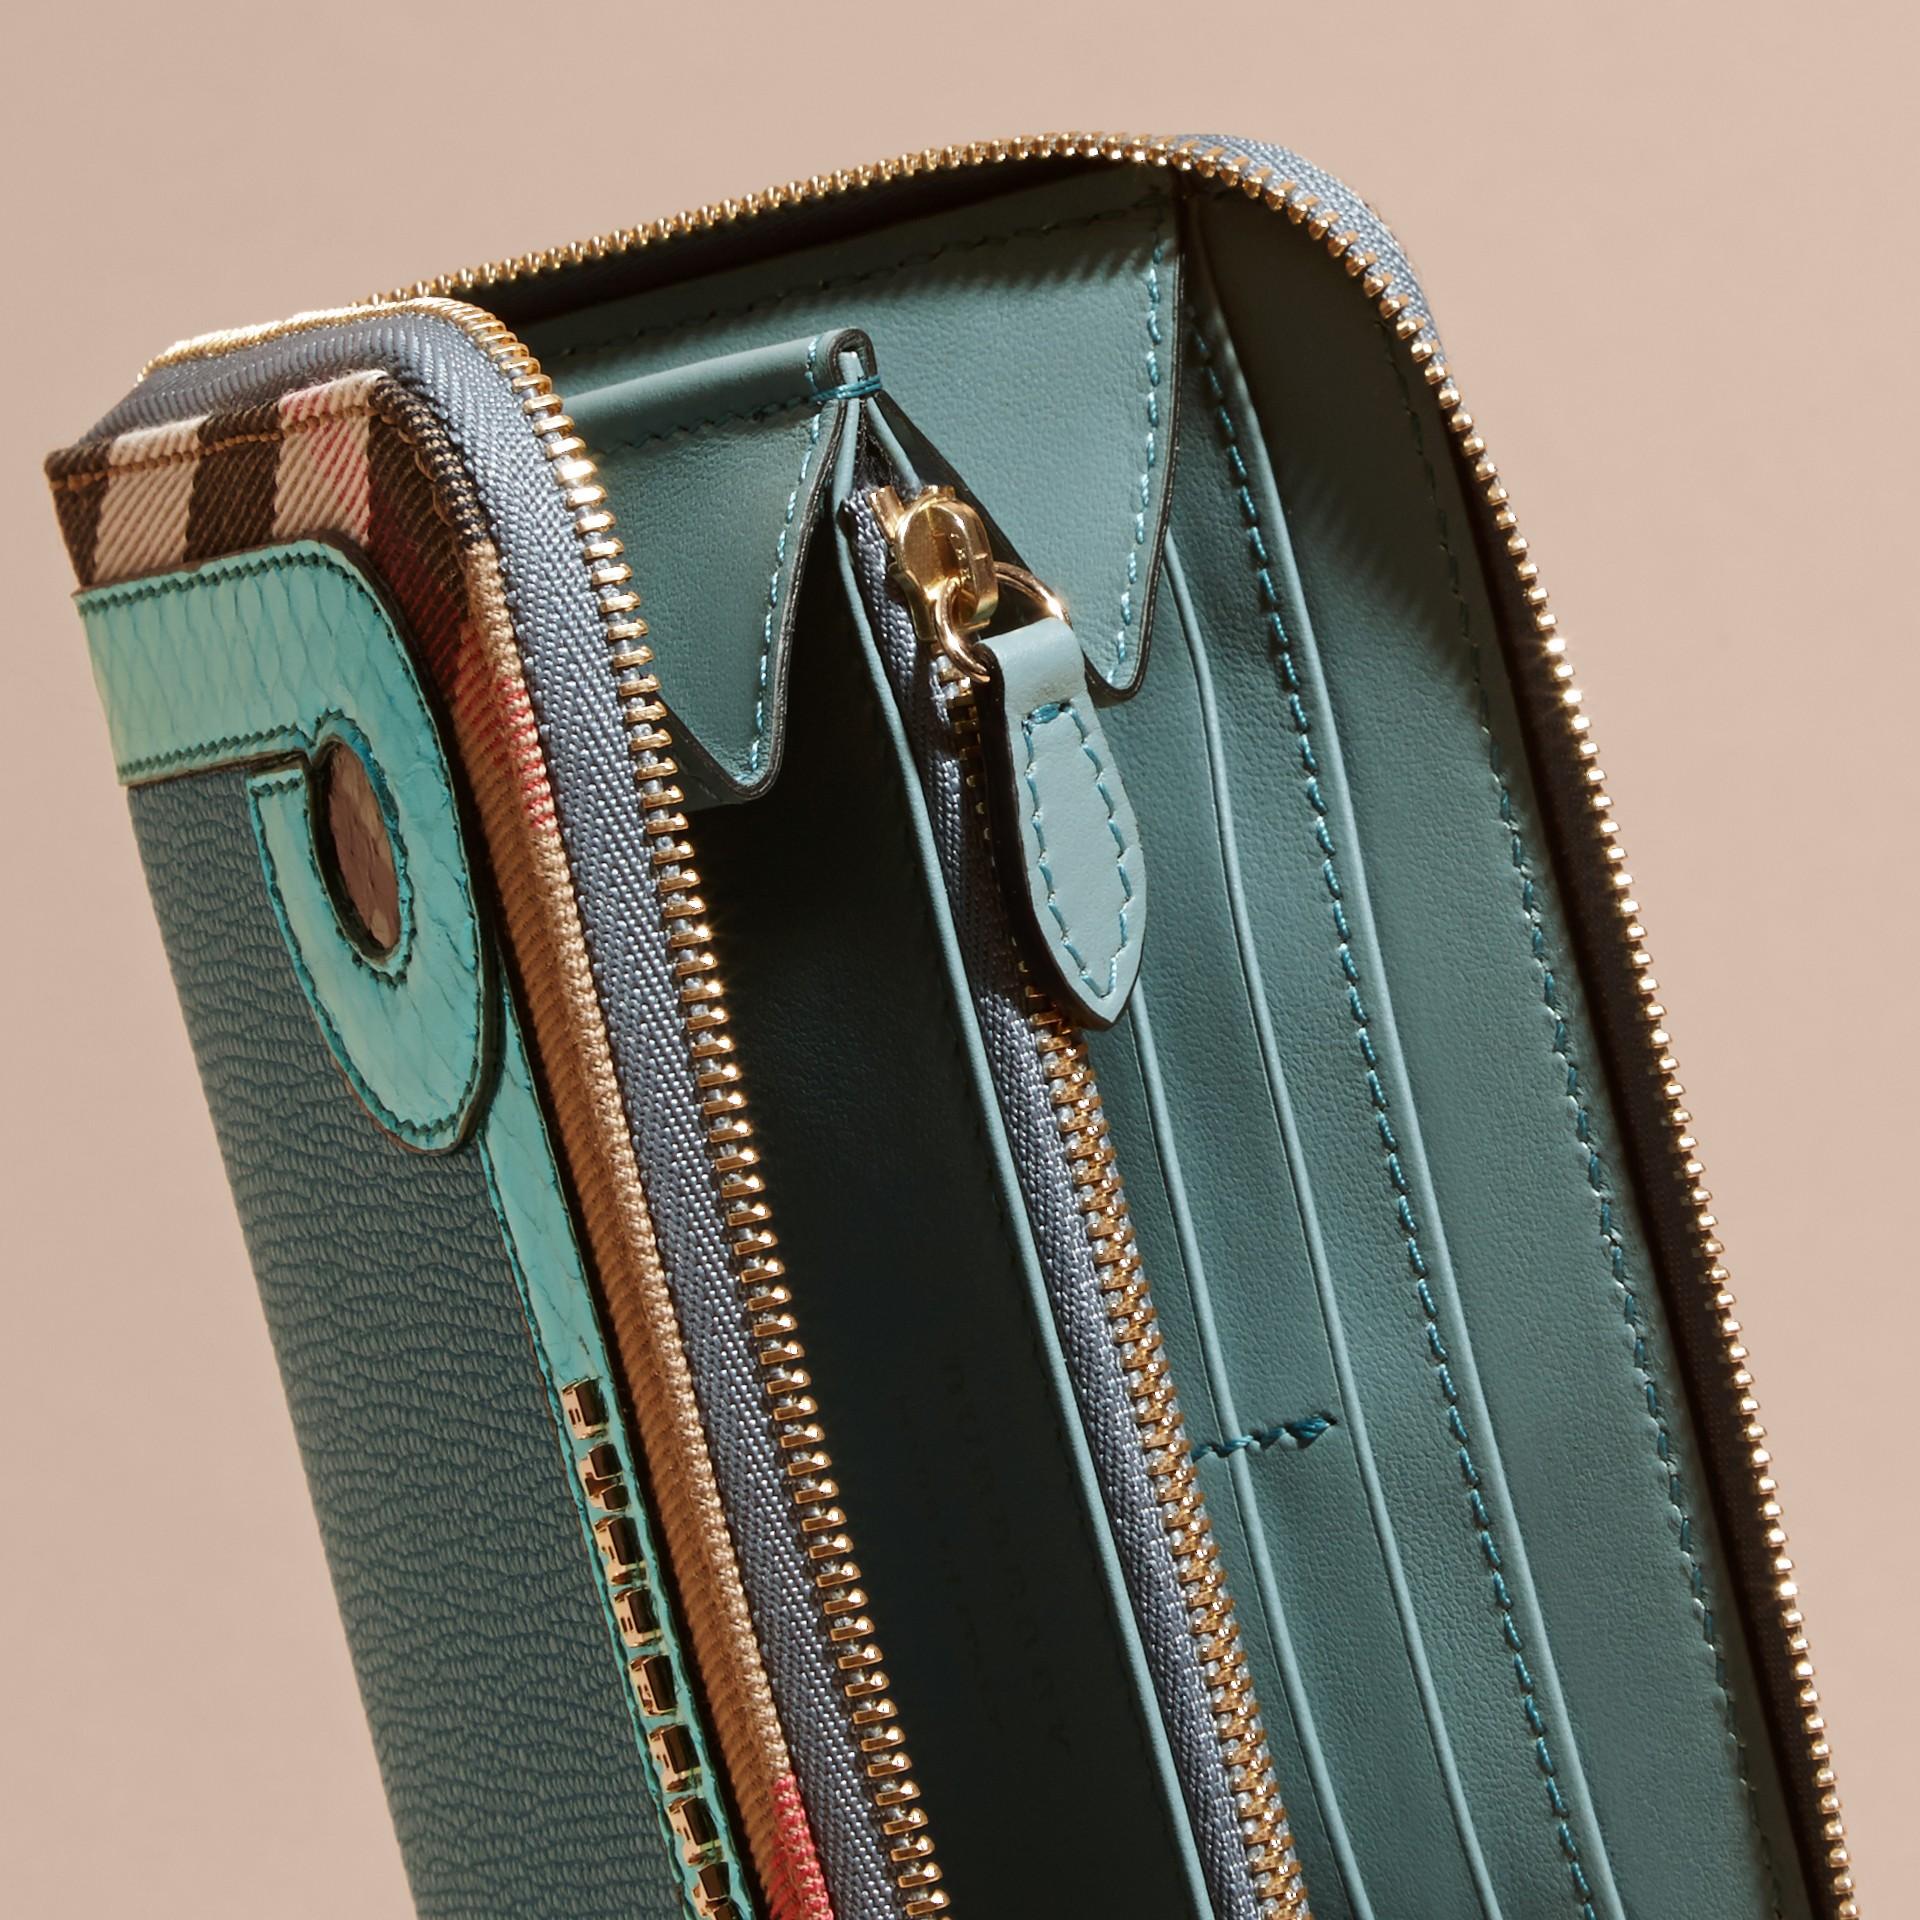 Azul celadón Cartera con cremallera perimetral en piel de serpiente y House Checks Azul Celadón - imagen de la galería 5